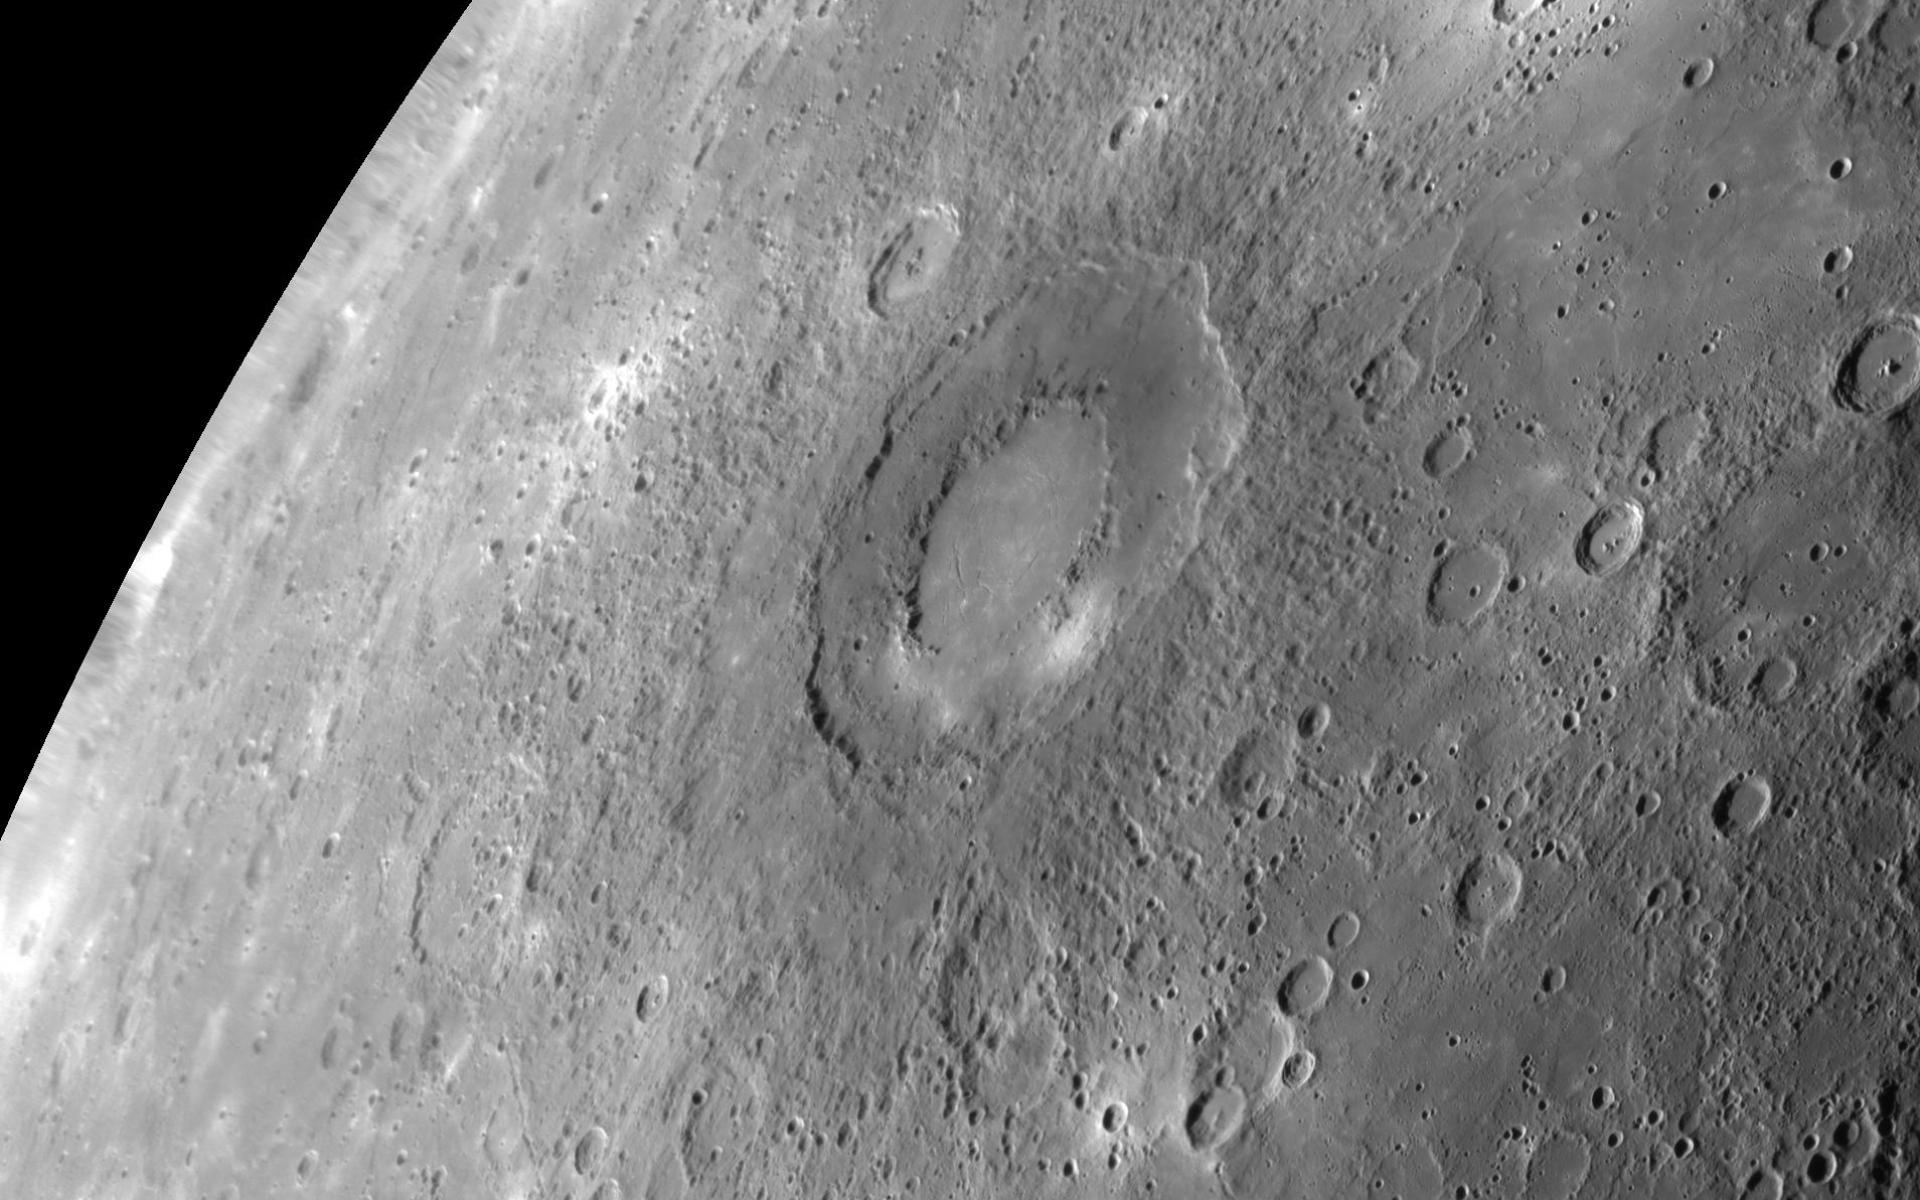 Картинки Caloris planitia, ударная структура, ртуть фото и обои на рабочий стол